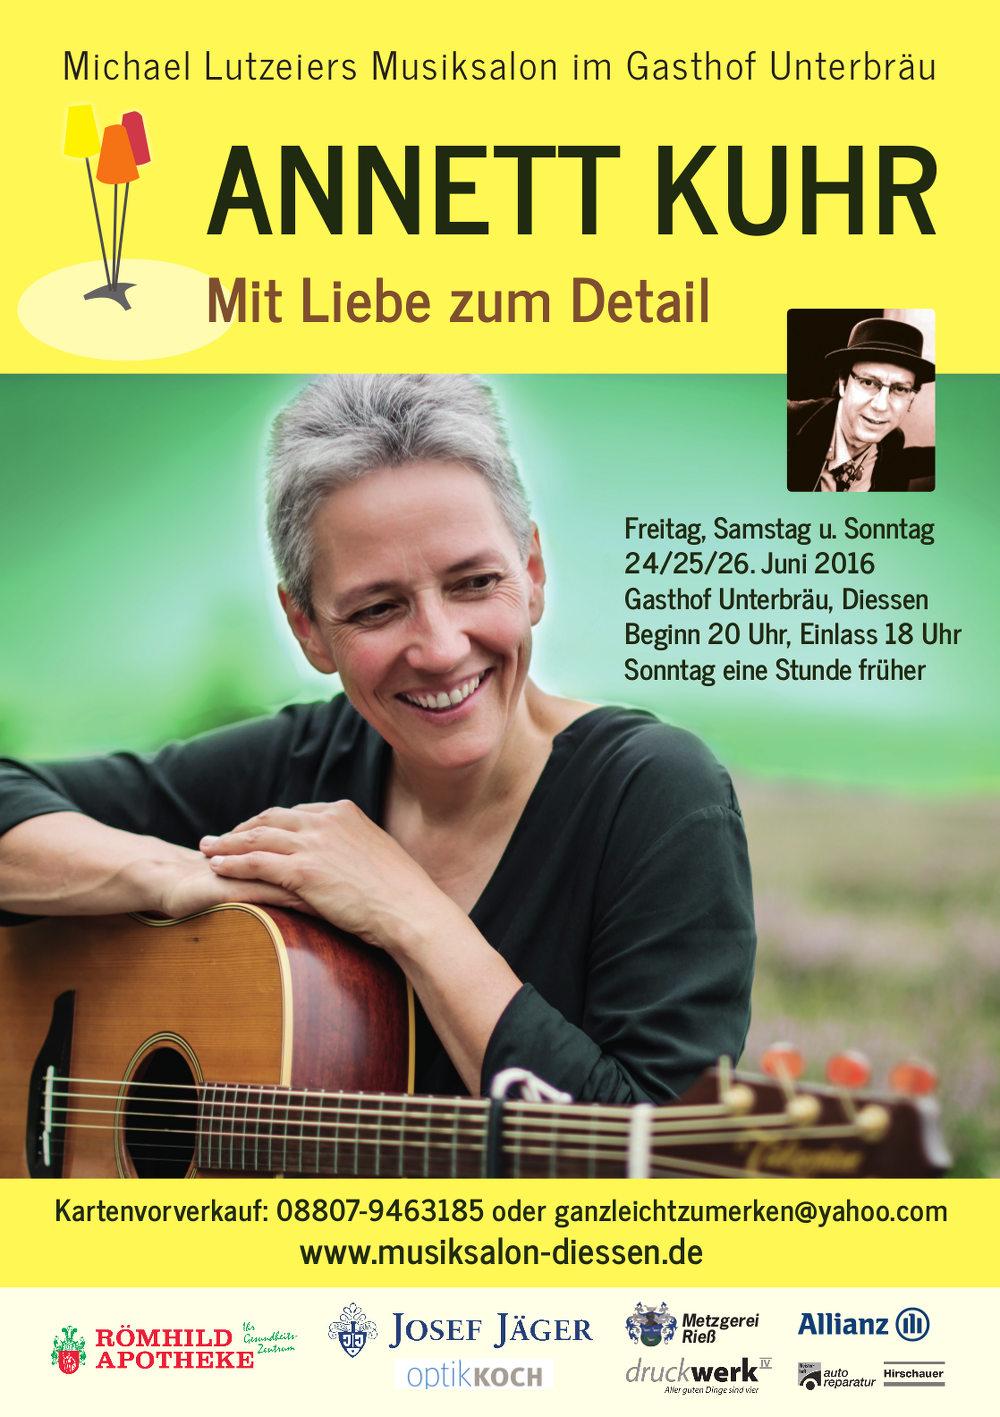 Annett Kuhr im Musiksalon Dießen, 11./12./13. März 2016